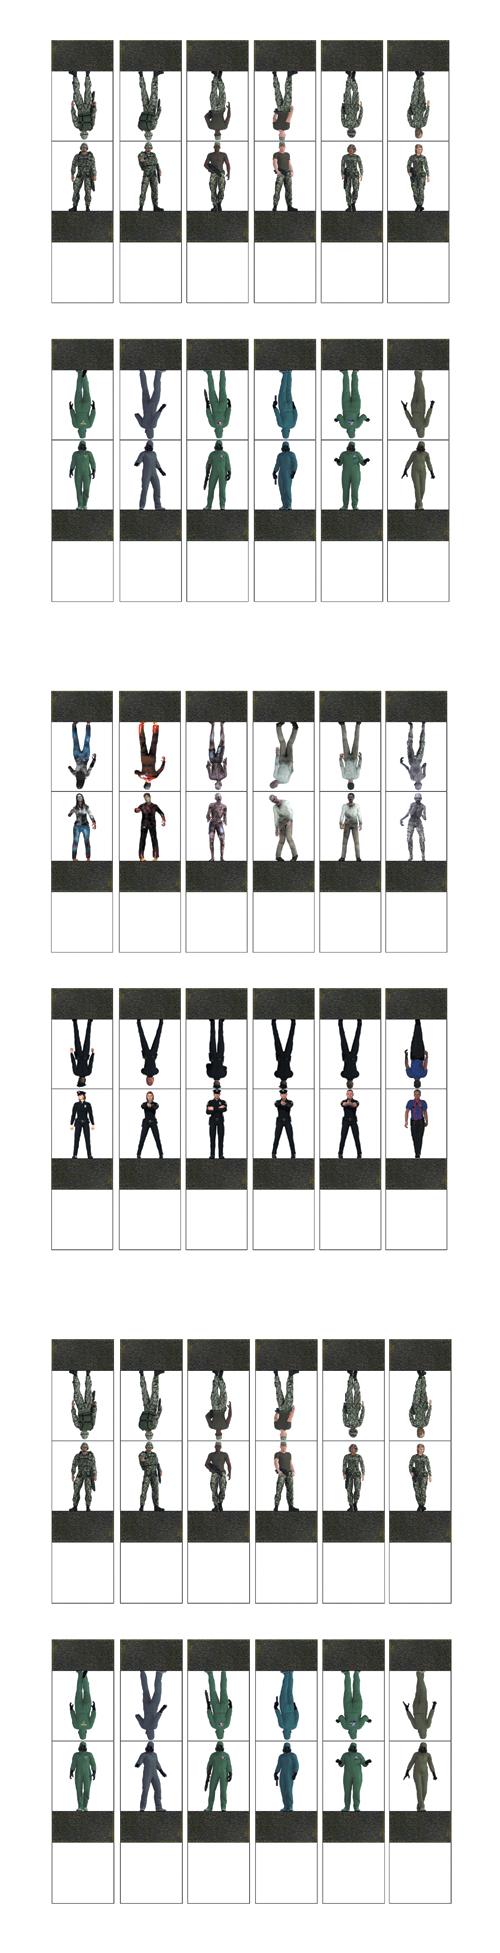 [DramaScape] Zombies Vs Survivors Miniatures